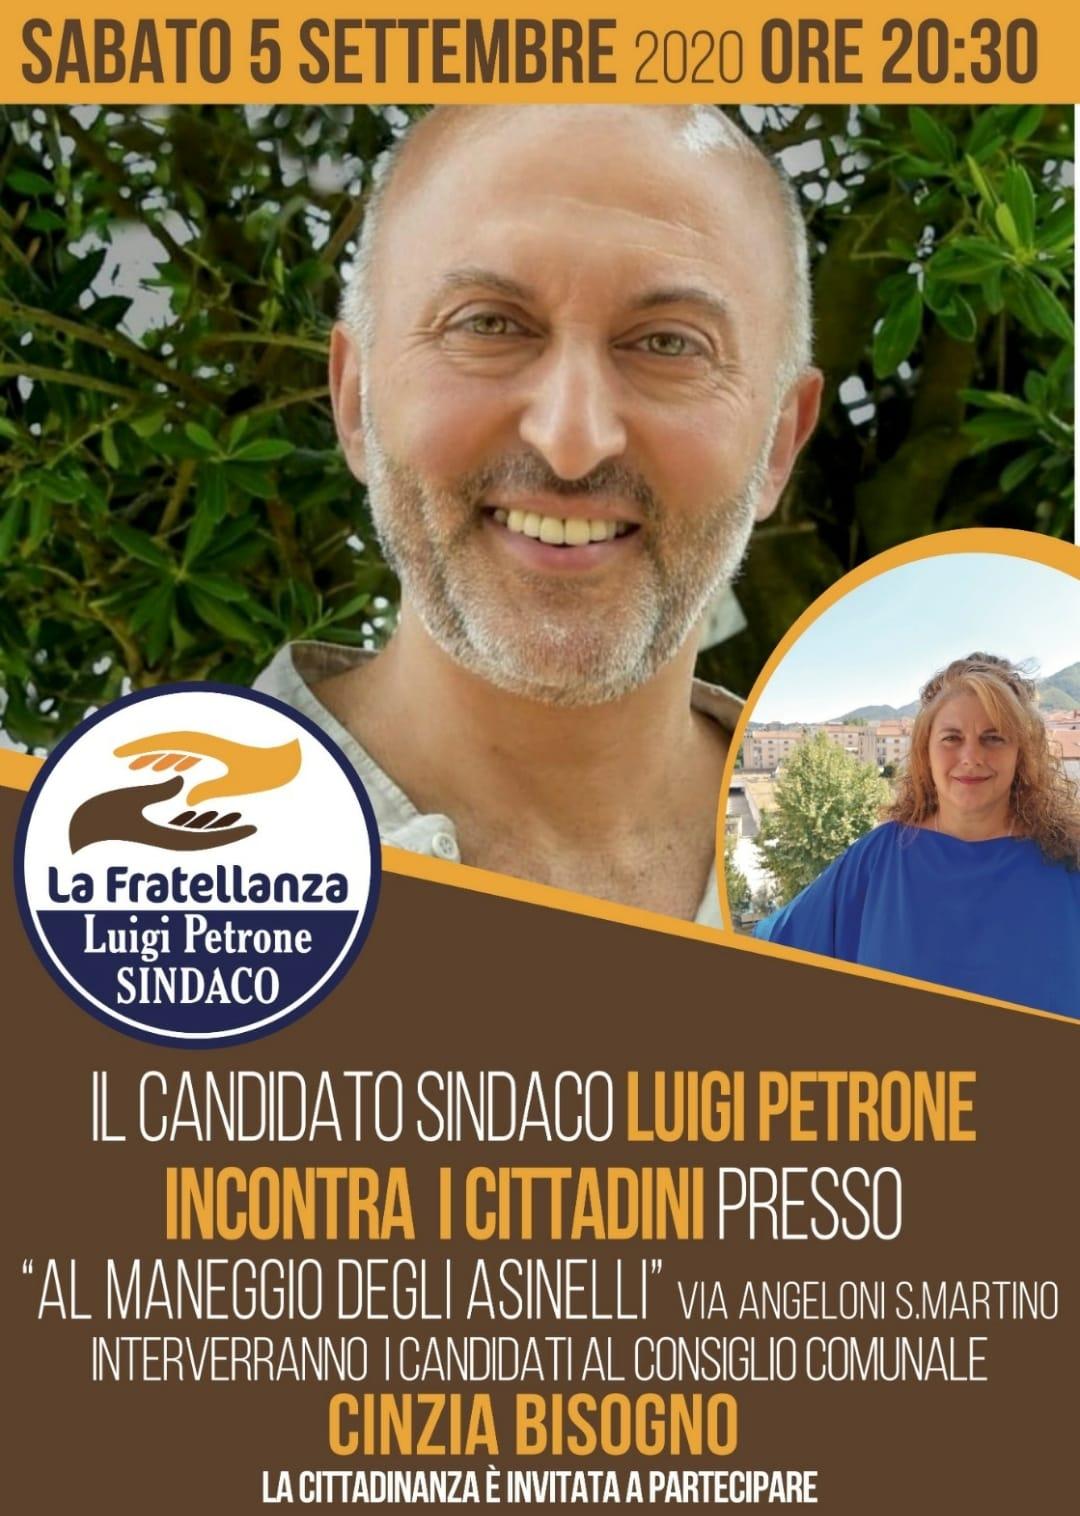 INCONTRO CON GLI ABITANTI DELLA FRAZIONE SAN MARTINO SABATO 05/09/2020